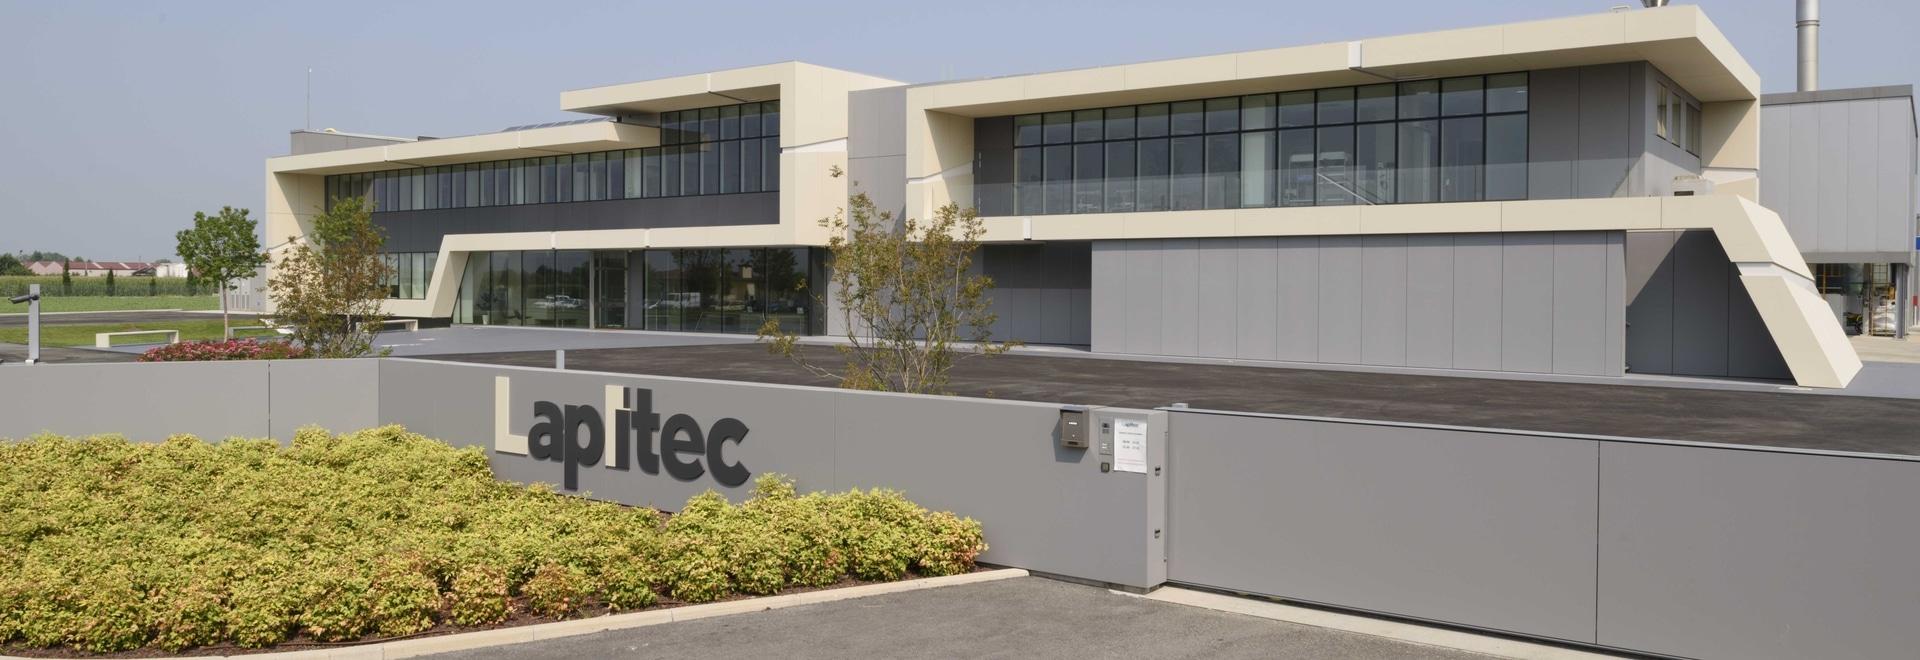 Lapitec® e Fila siglano una partnership per offrire servizi e soluzioni all'industria edile e dell'arredo